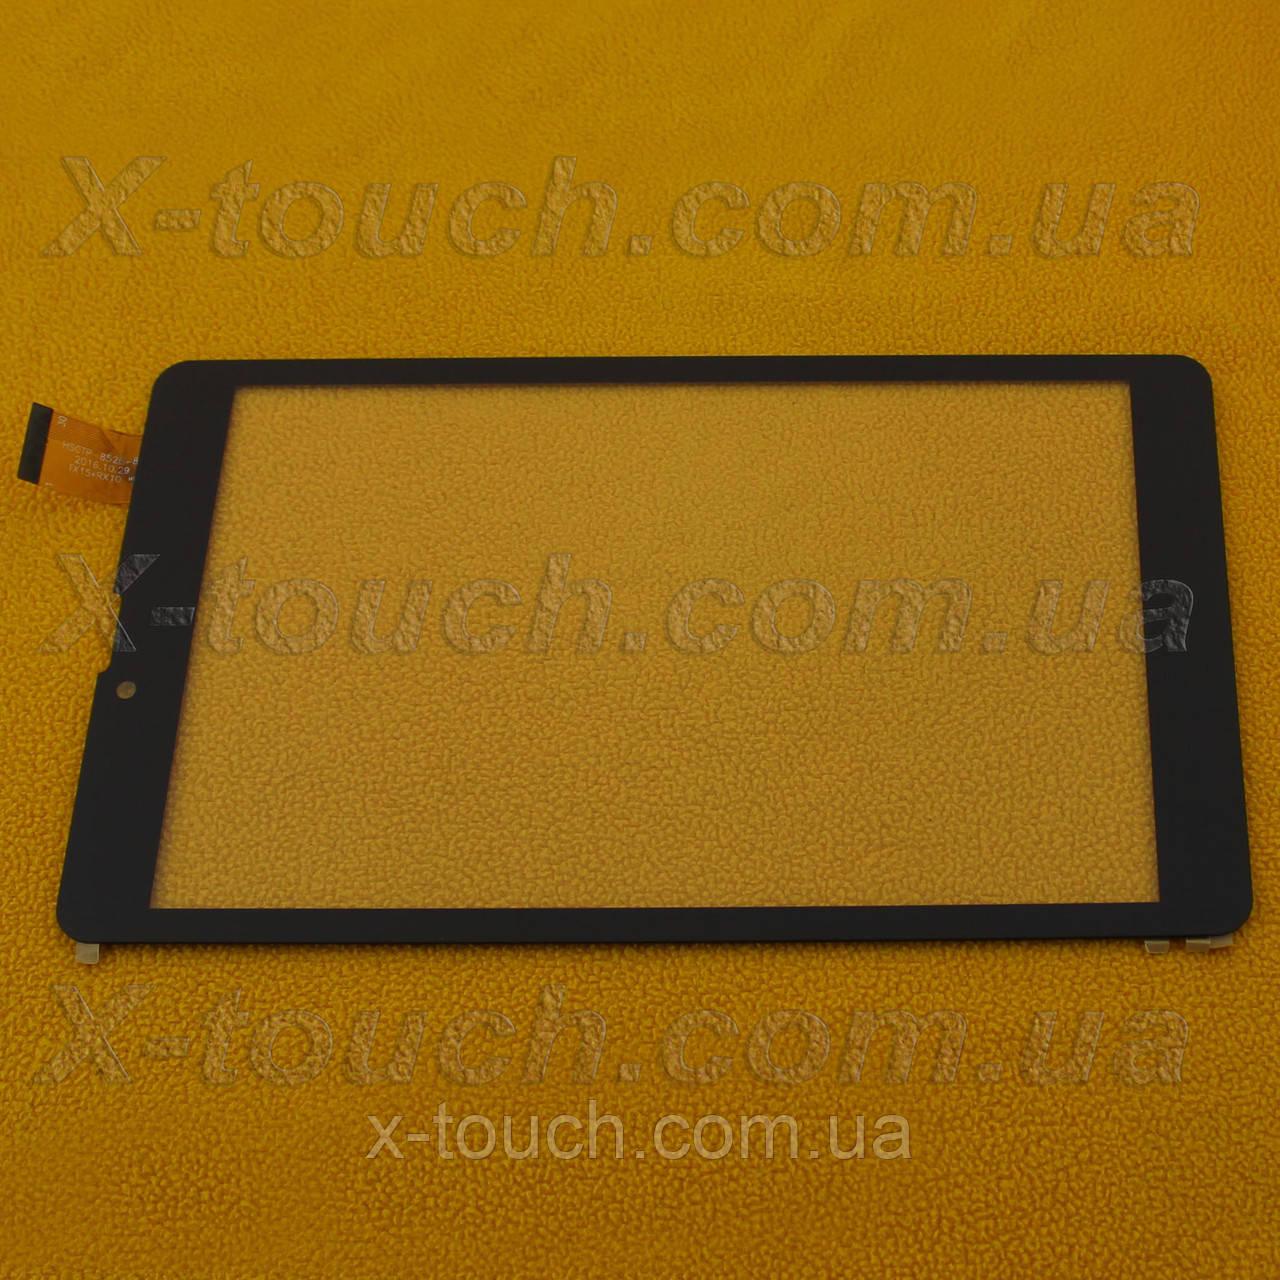 Тачскрін, сенсор Digma Citi 7900 3G для планшета